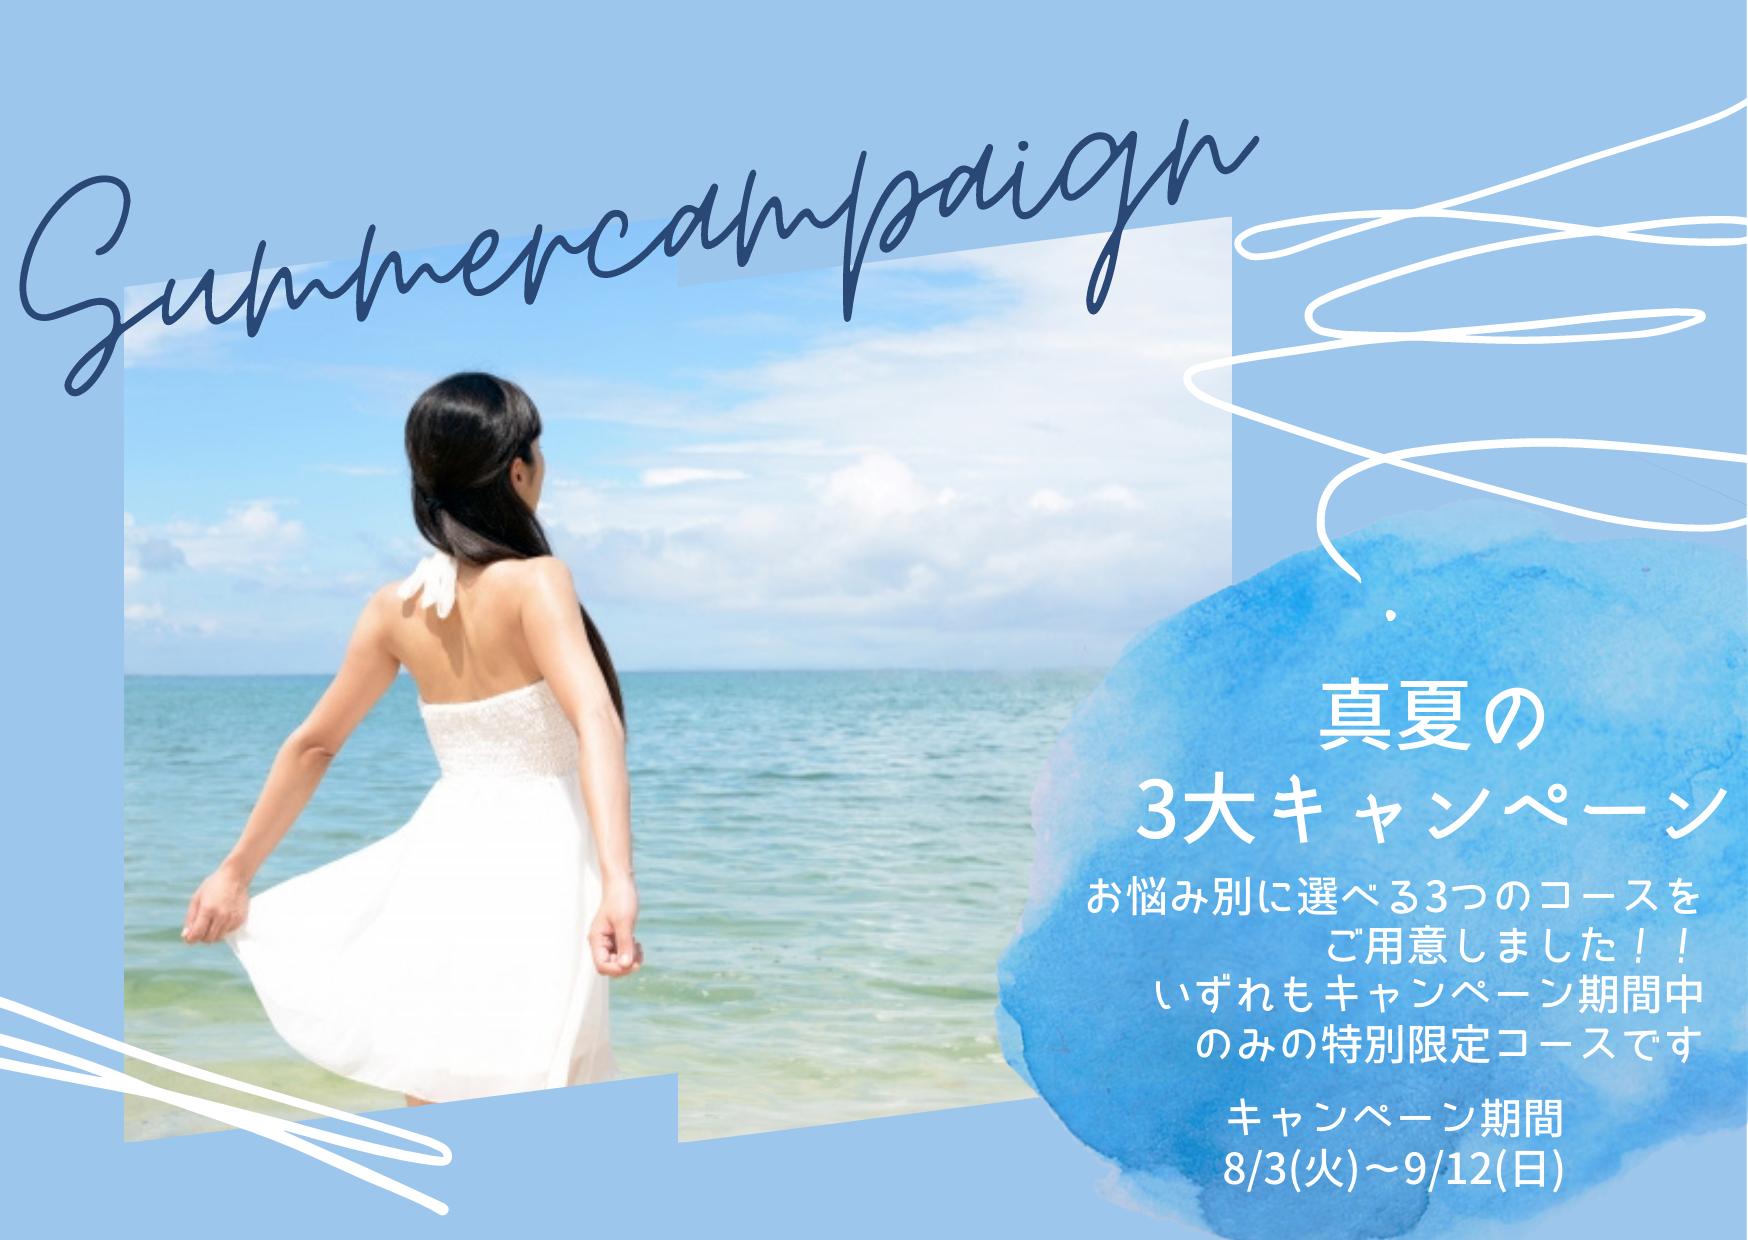 真夏の3大キャンペーン開催!!